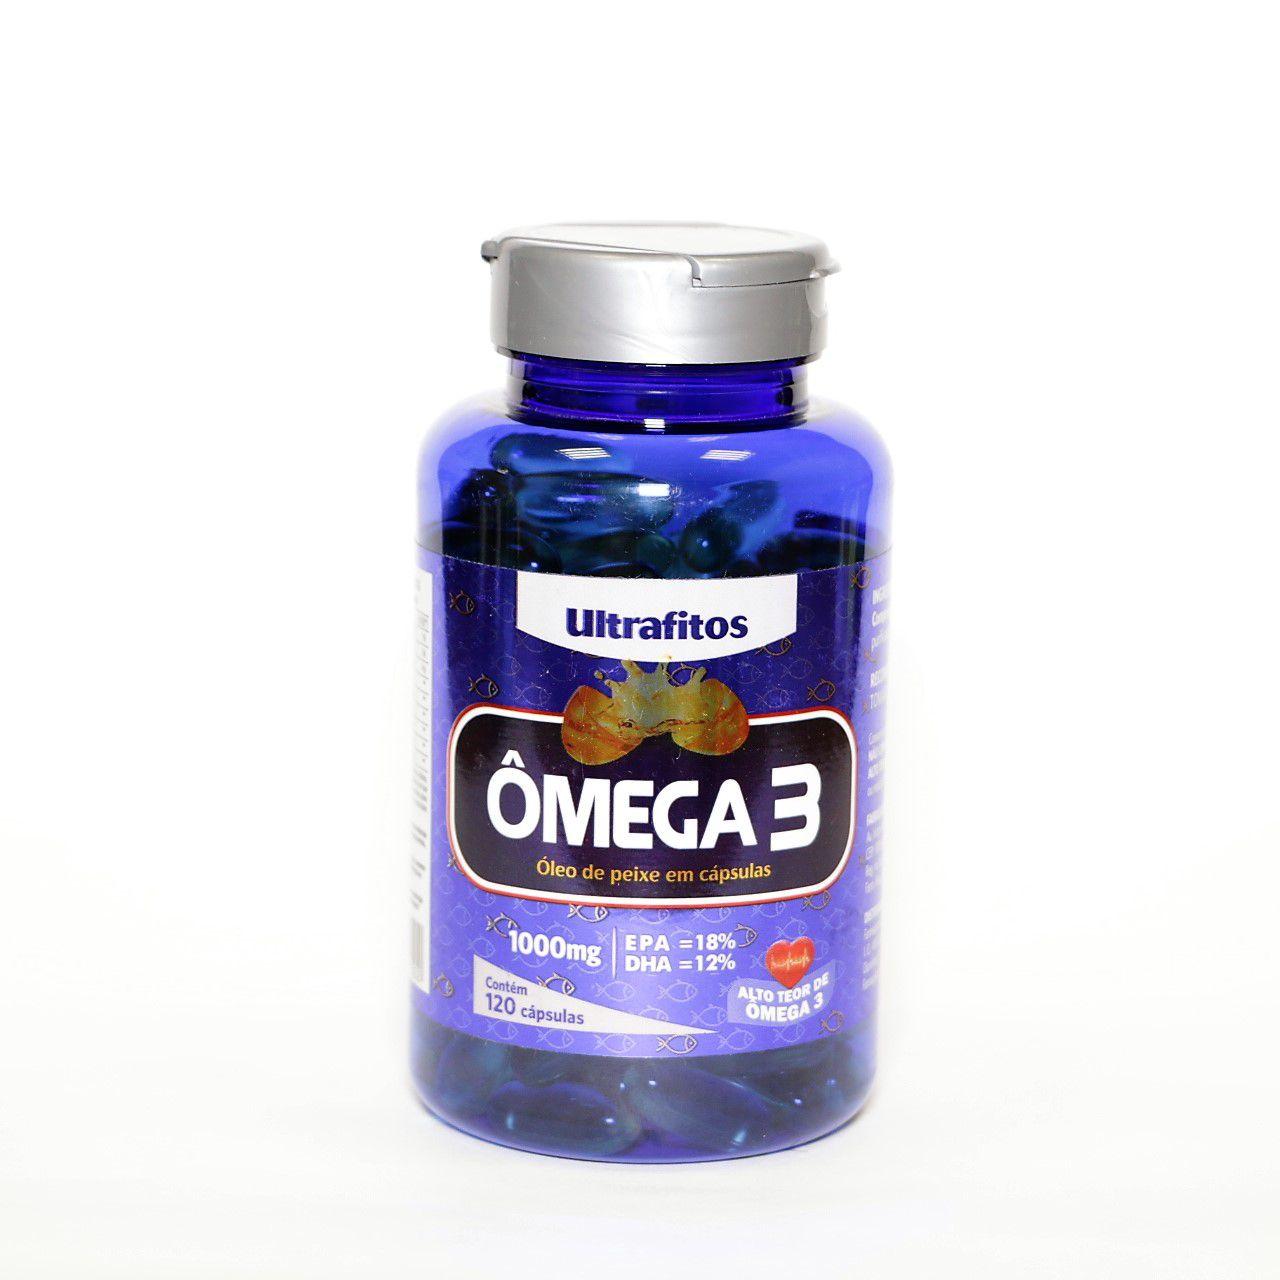 Omega 3 1000 Mg (Óleo De Peixe) - 120 cápsulas soft gel - Ultrafitos